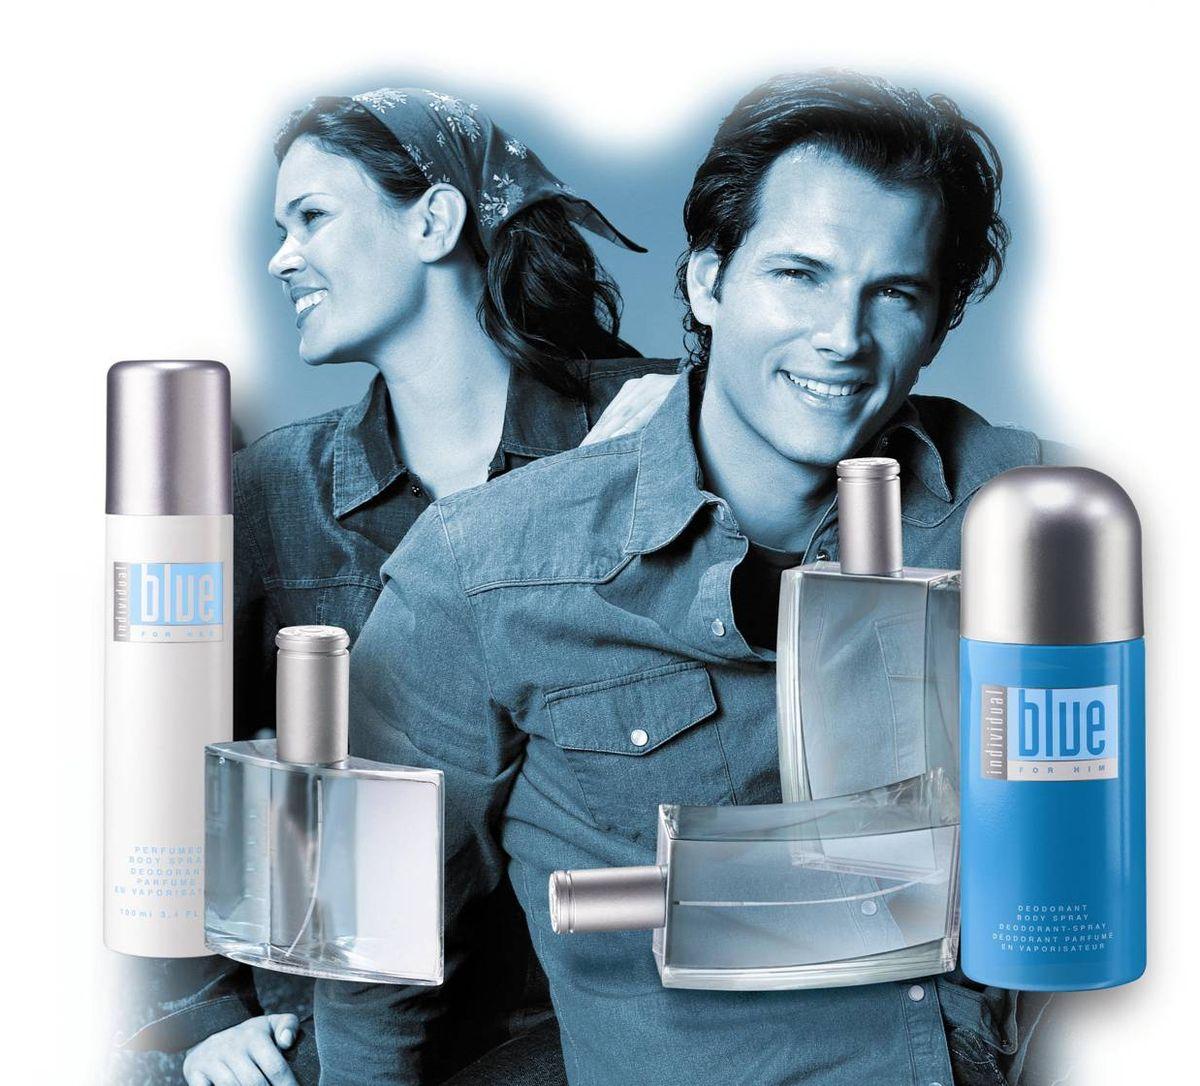 Individual Blue For Him Avon одеколон аромат для мужчин 2003